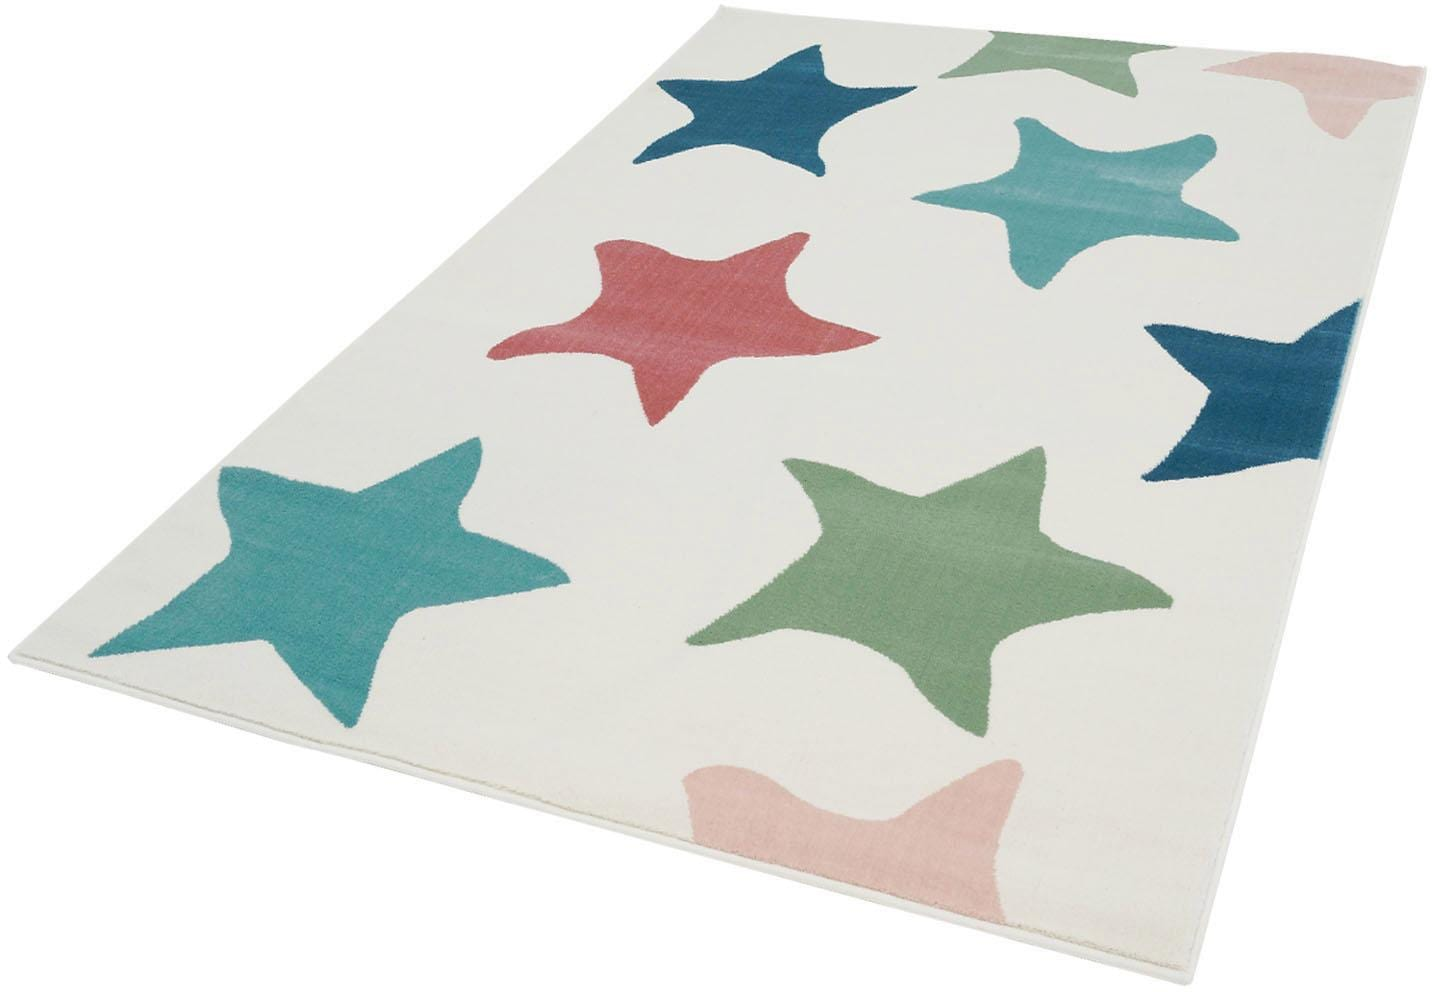 Teppich Inspiration 5813 Carpet City rechteckig Höhe 11 mm maschinell gewebt